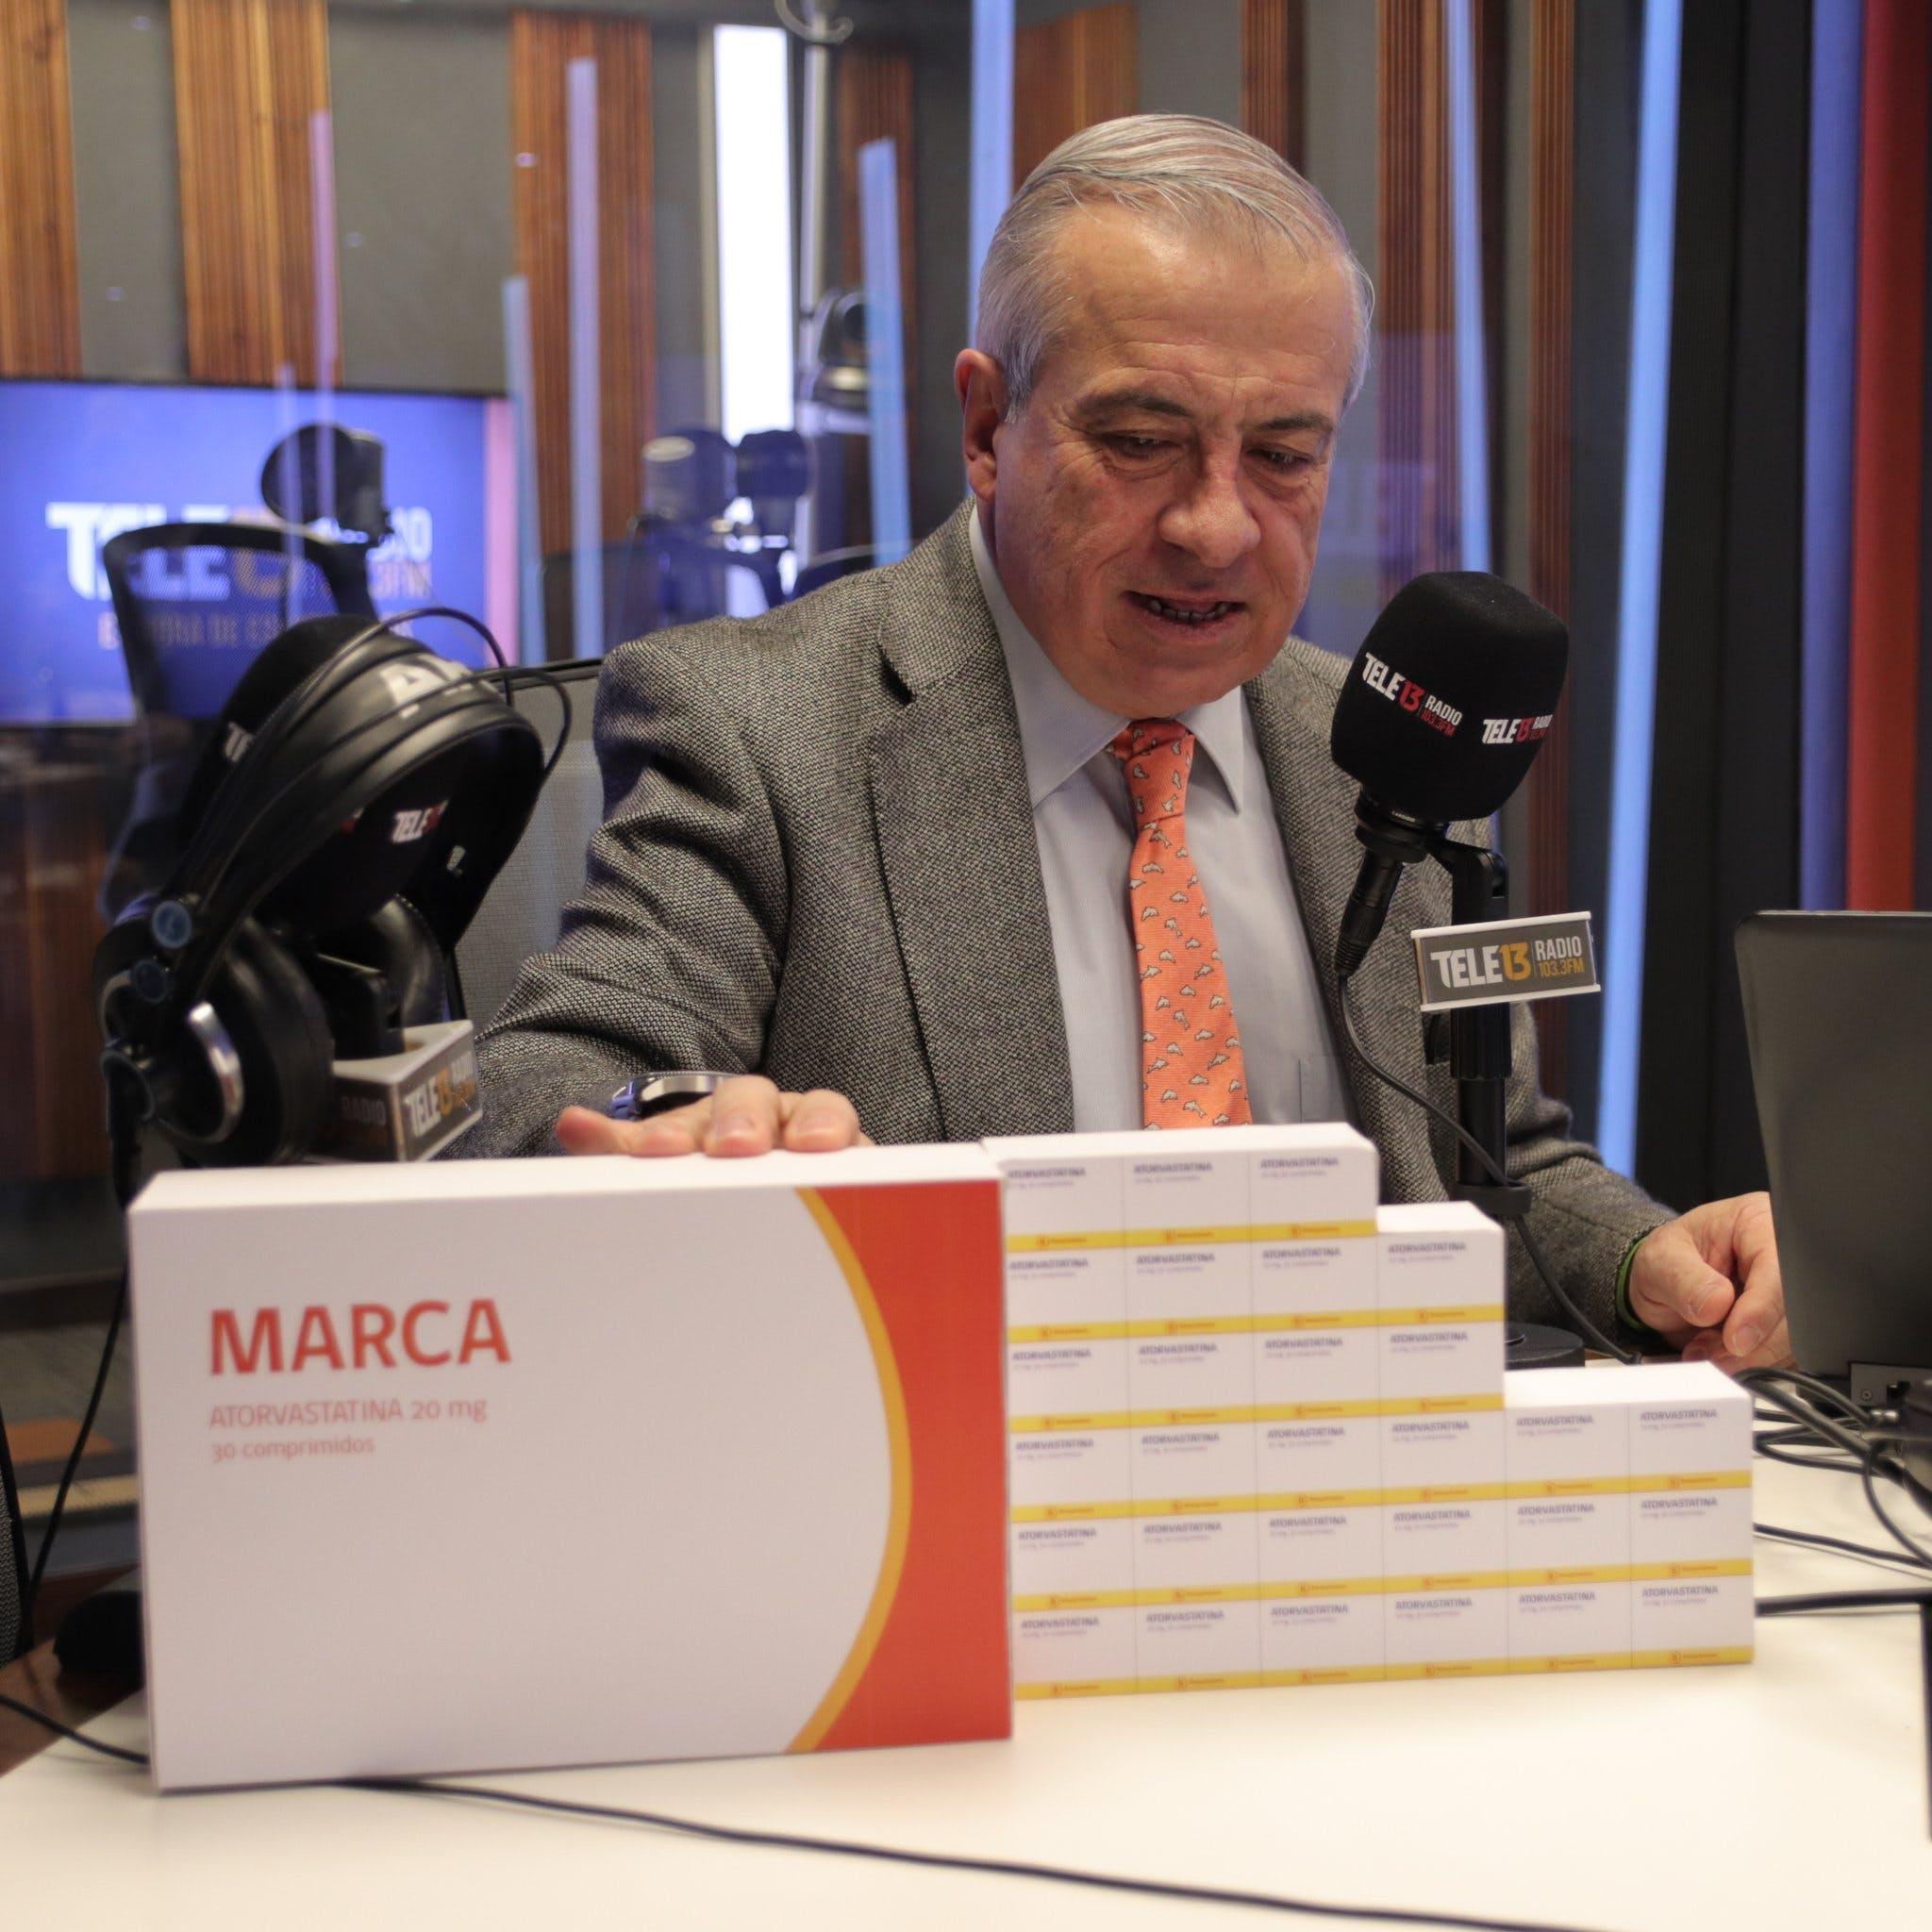 Ministro Mañalich: Esto es revolucionario: el acceso de medicamentos por plataformas digitales será una norma en el futuro